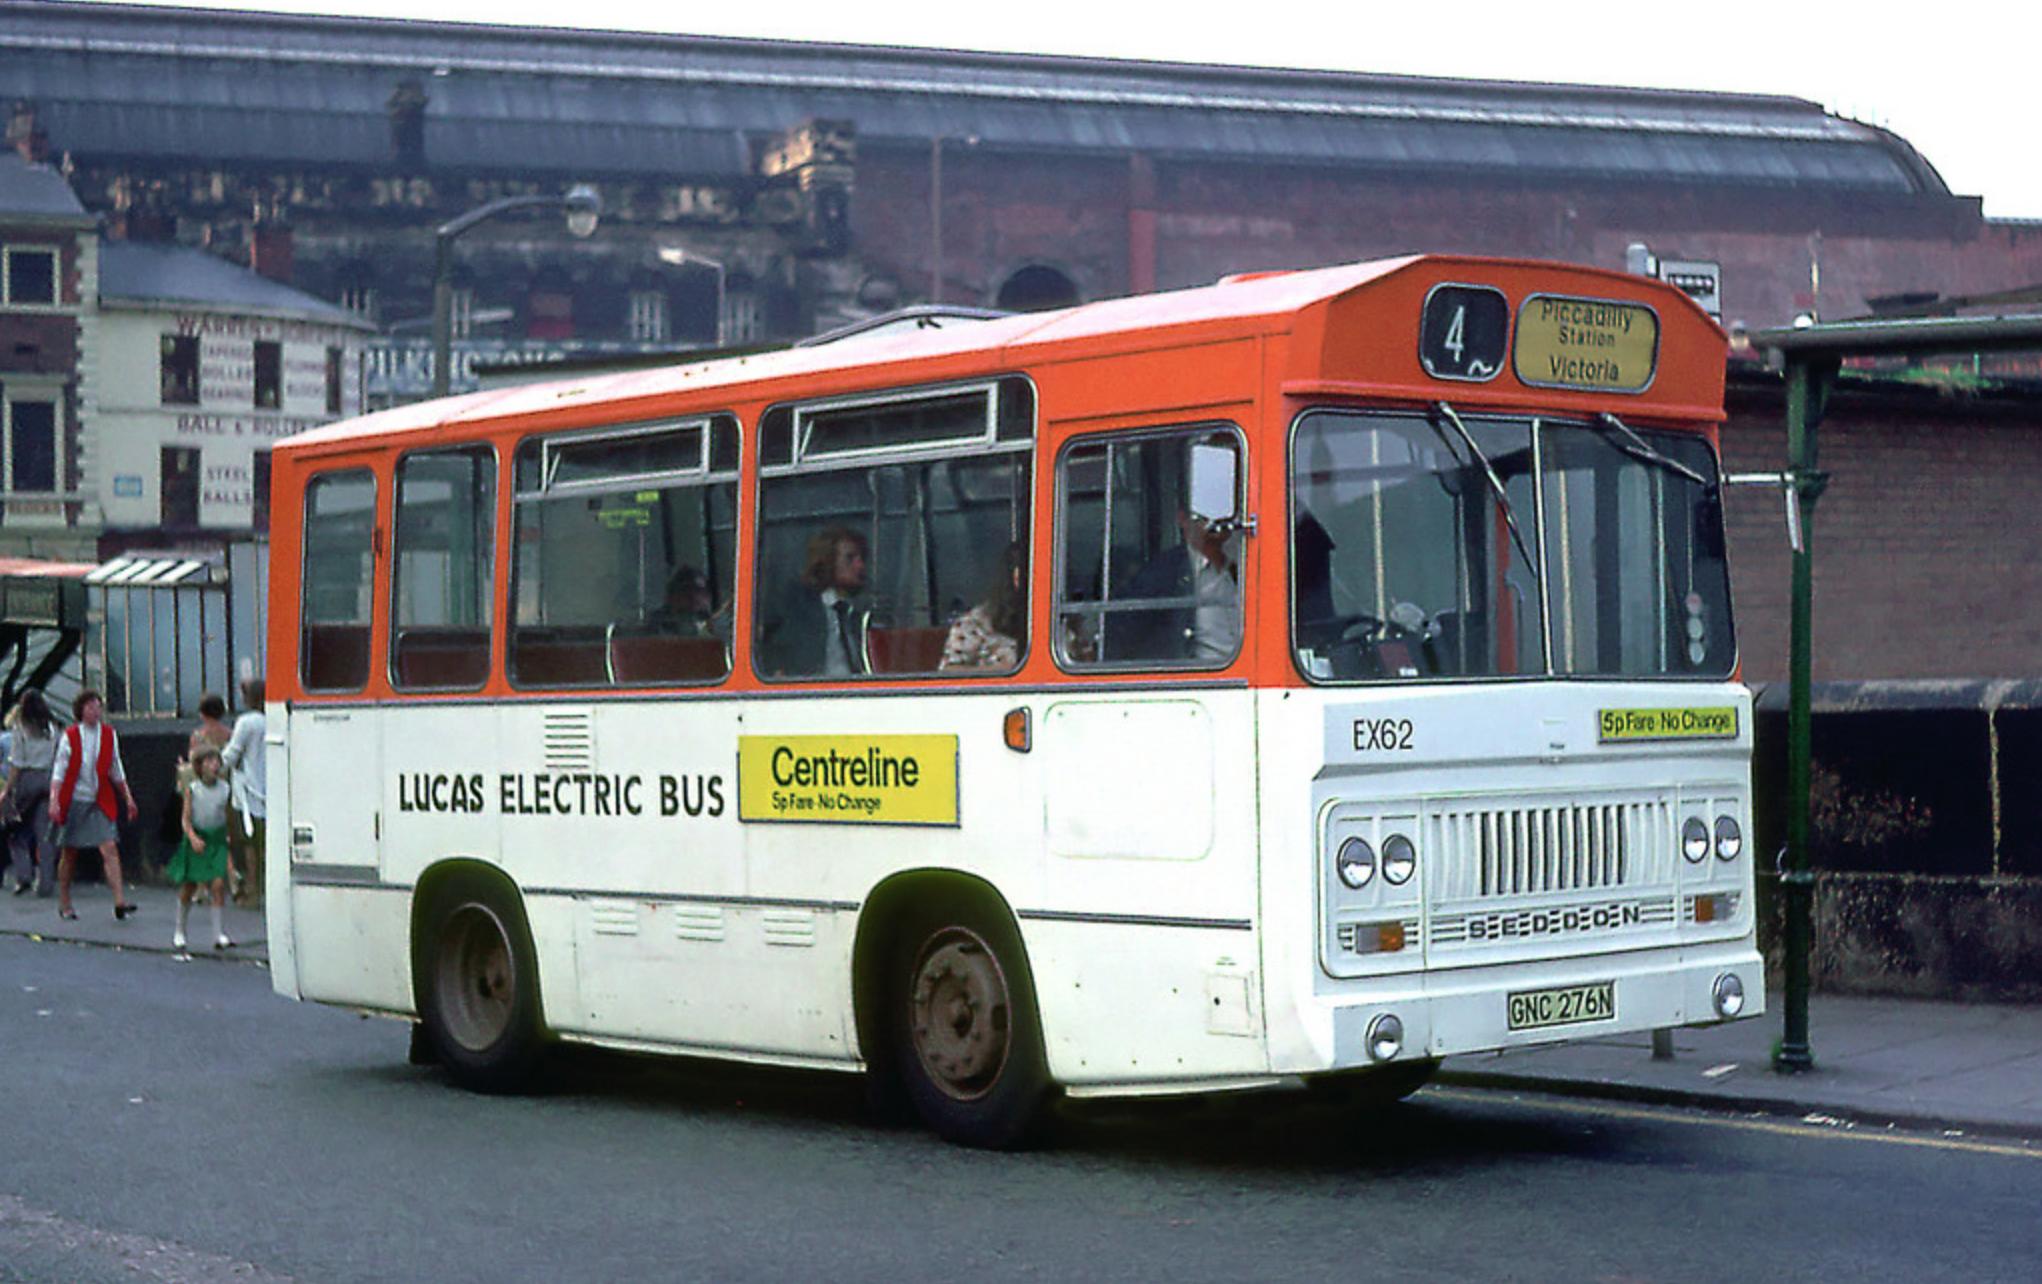 Это электробус: что мы знаем о транспорте с батарейкой - 5